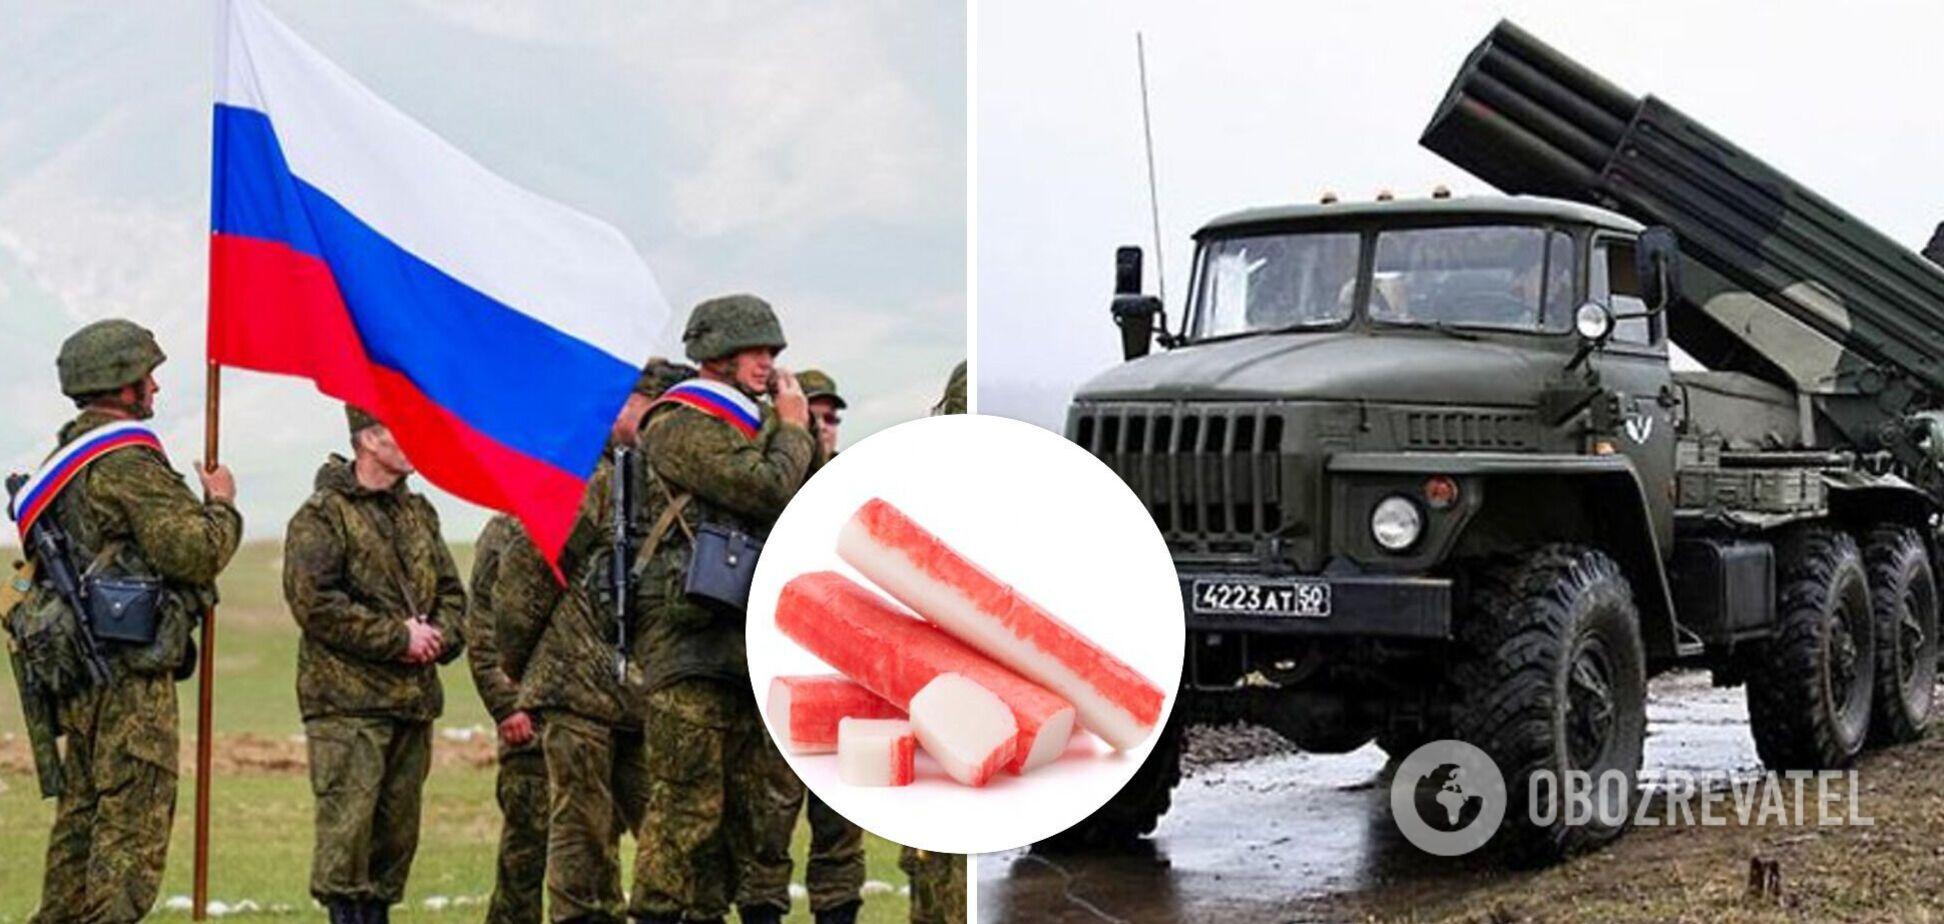 Покупая крабовые палочки VIČI, мы финансируем российскую армию?